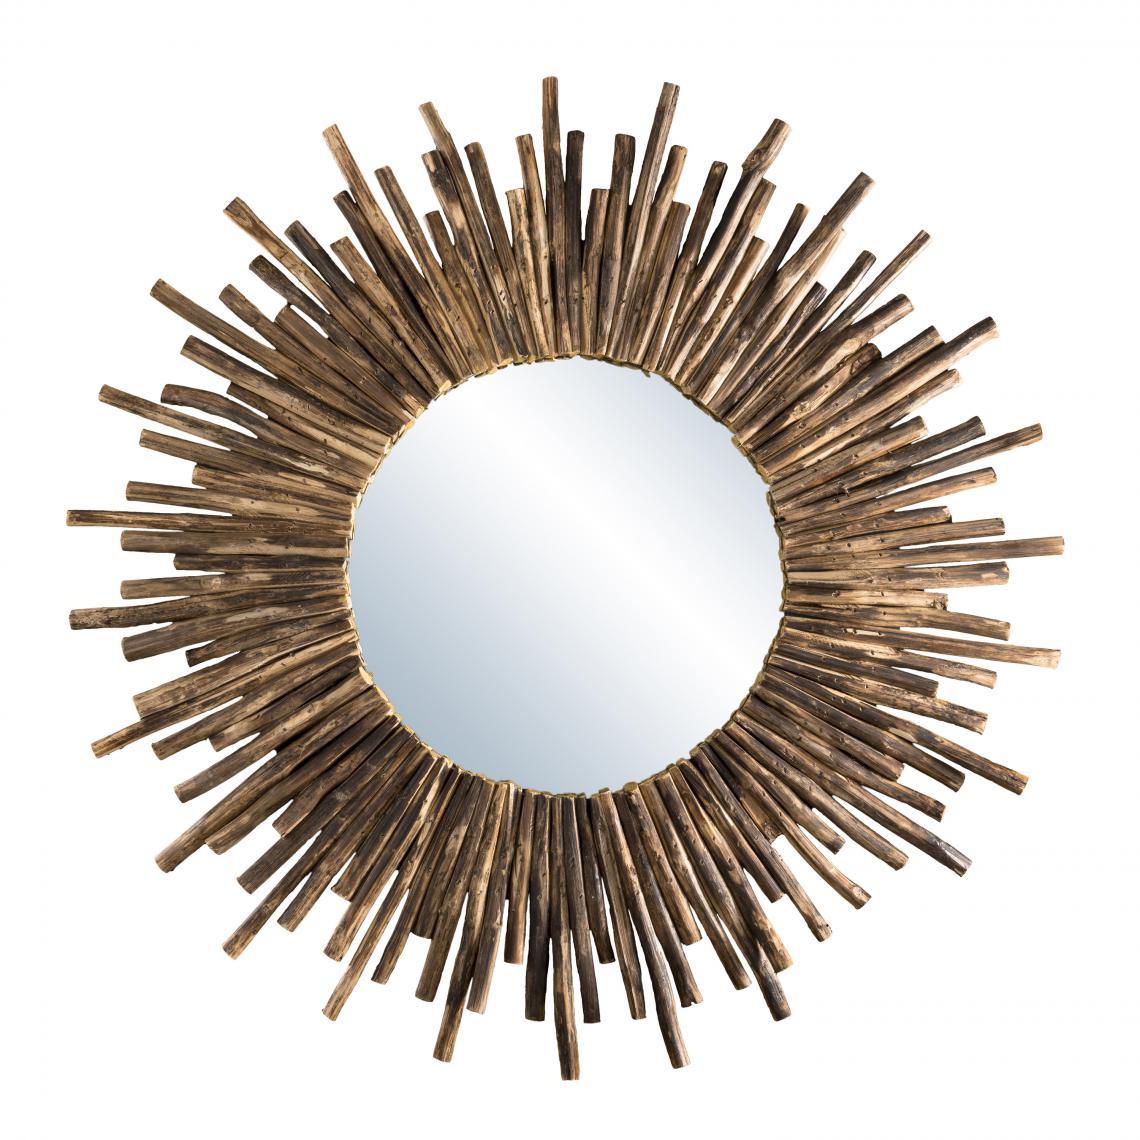 MACABANE Miroir rond soleil bois nature branches - CLEA